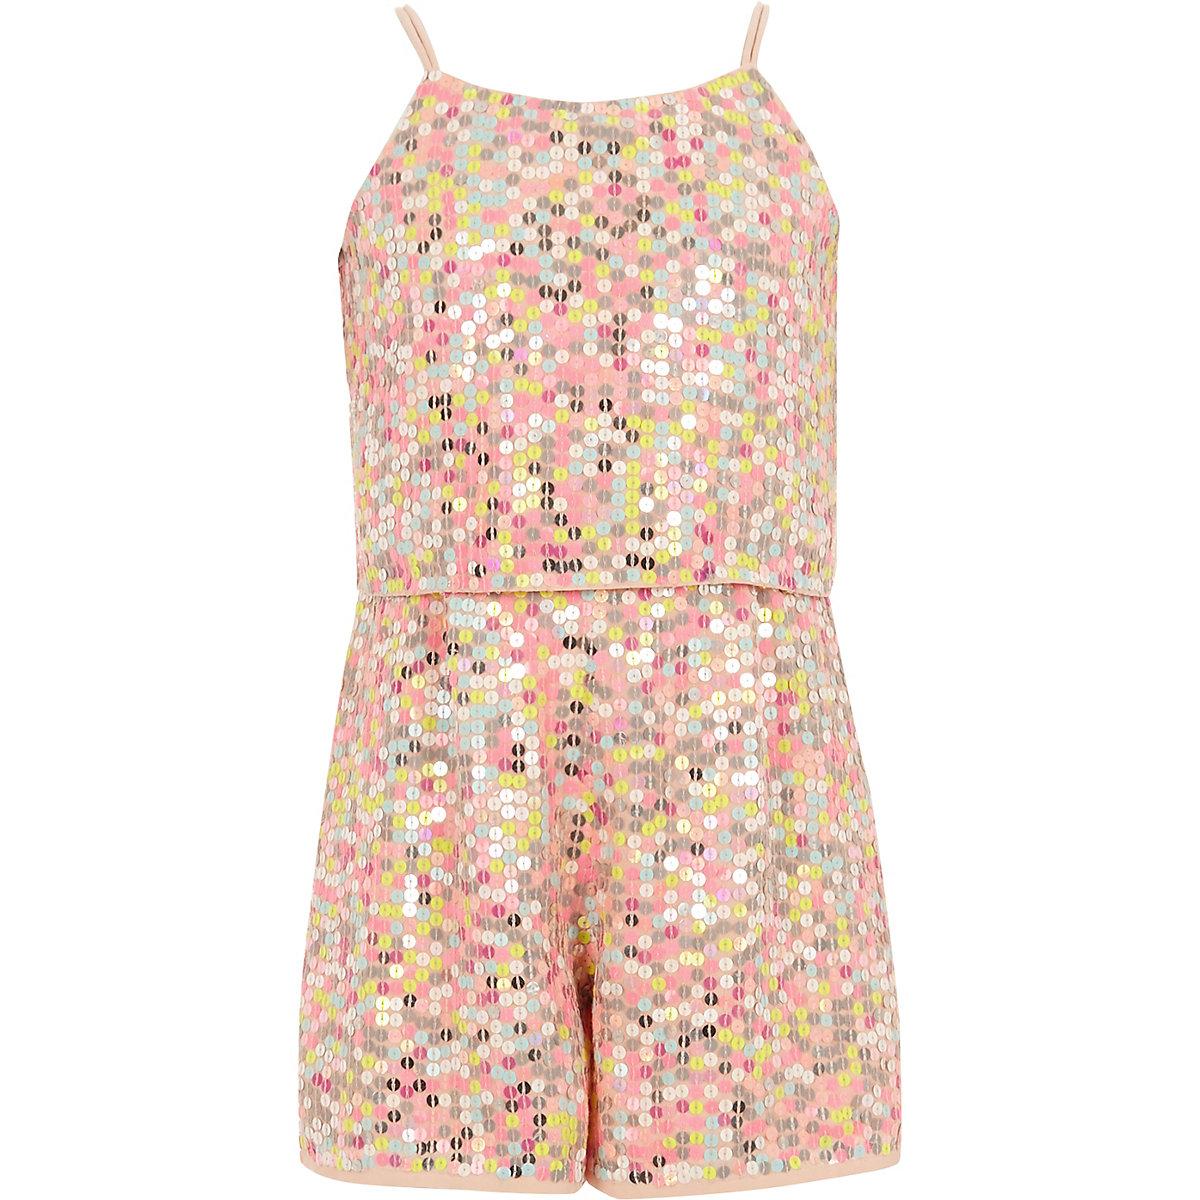 Girls pink sequin embellished romper